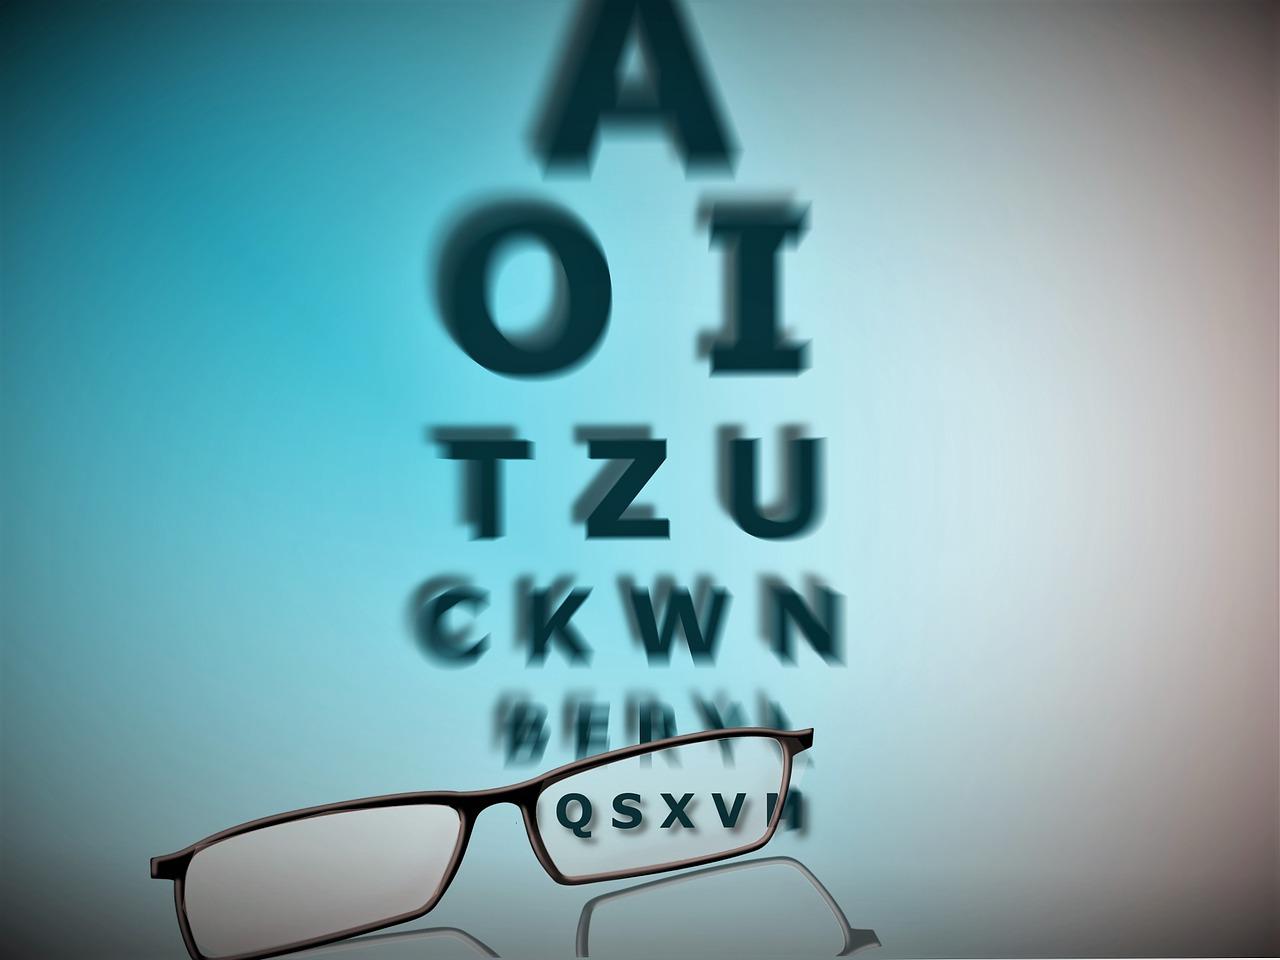 afinele ajută viziunea hipermetropie și miopie în același timp